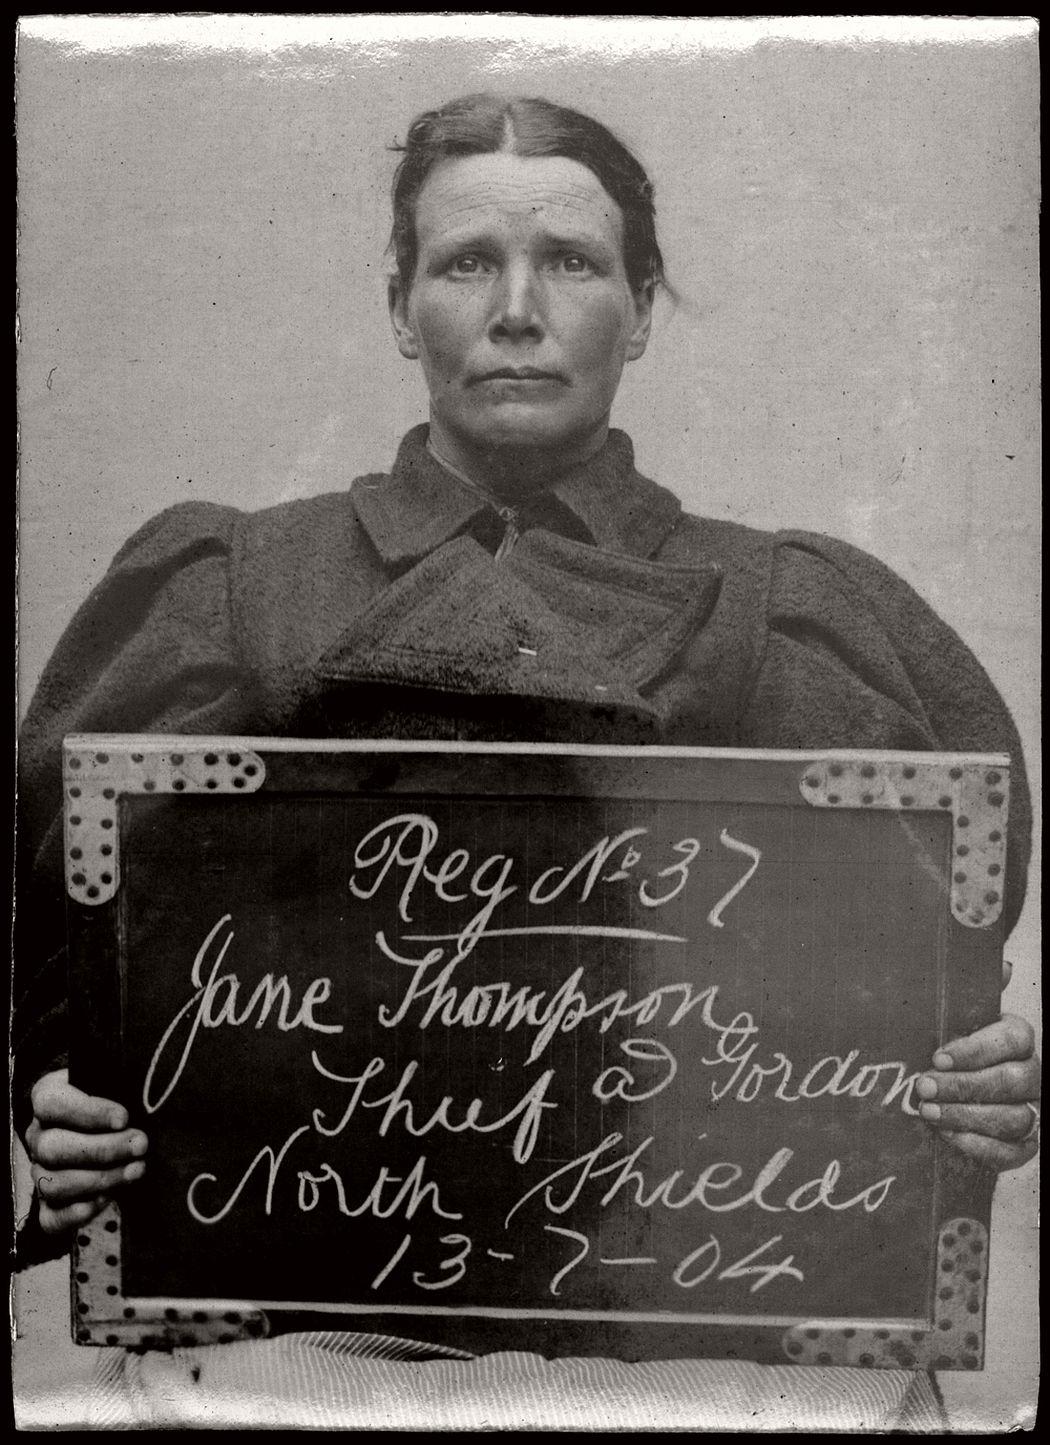 vintage-mug-shot-of-women-criminals-from-north-shields-1903-1905-15